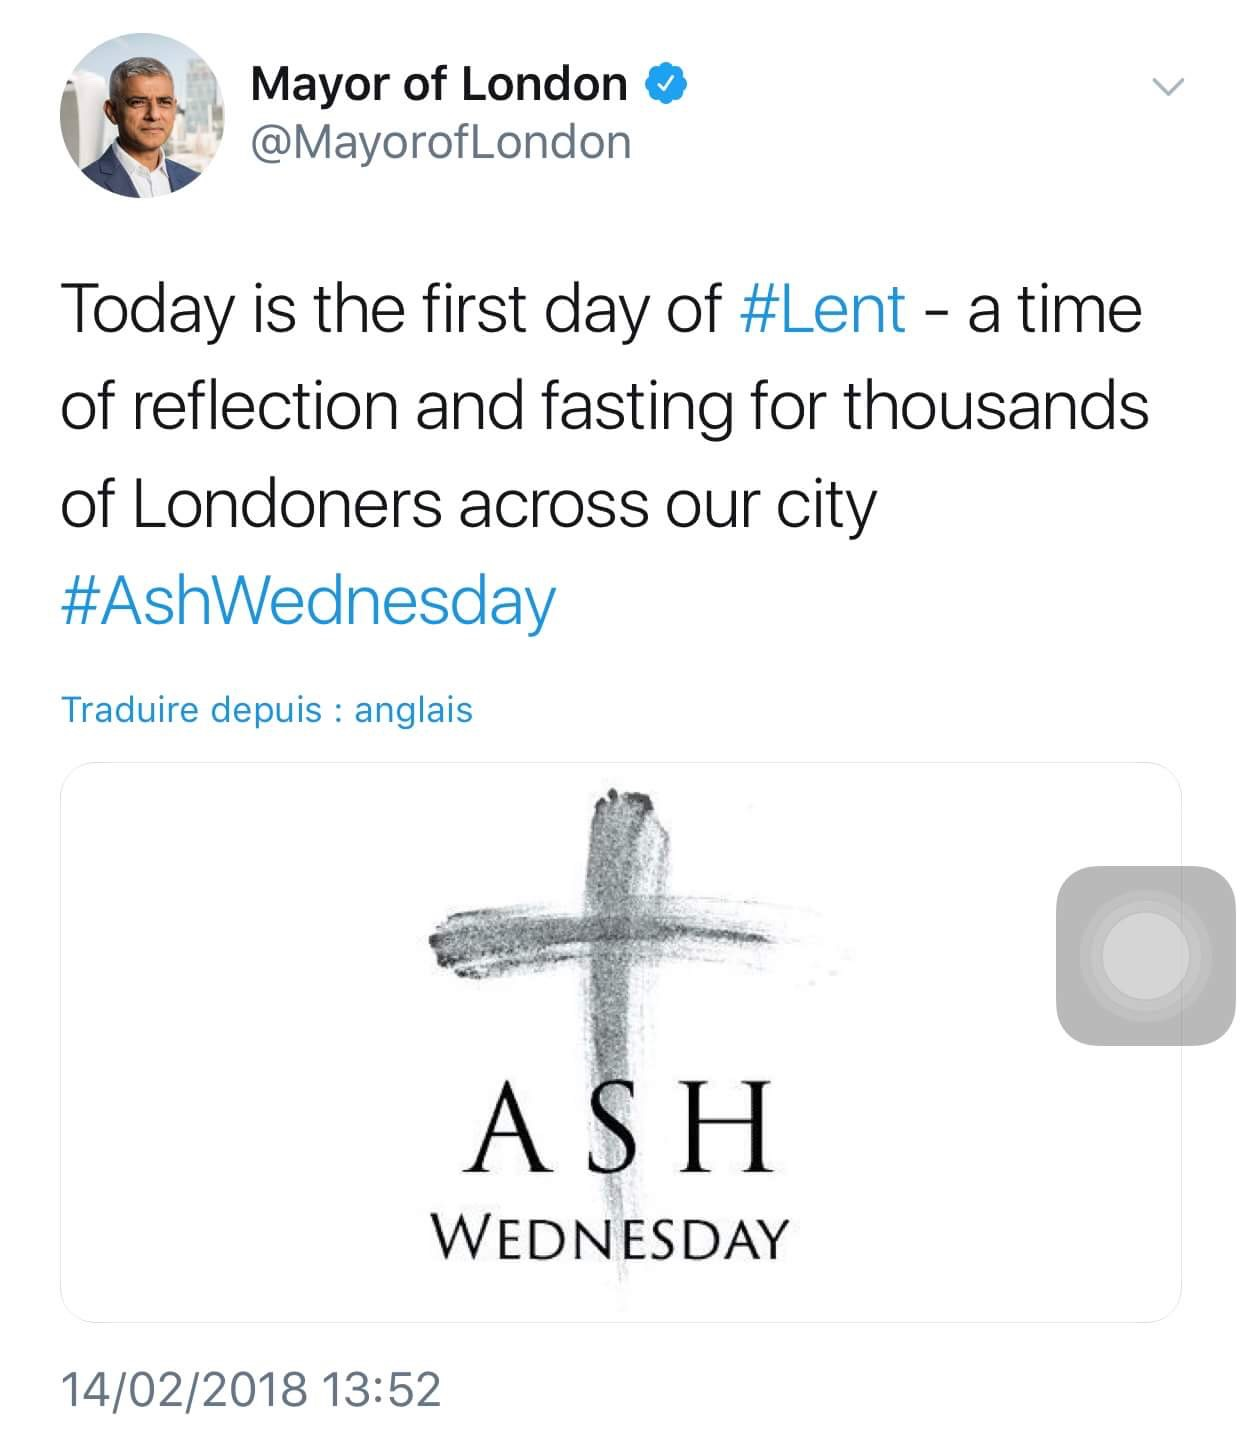 Le maire de Londres salue le mercredi des Cendres